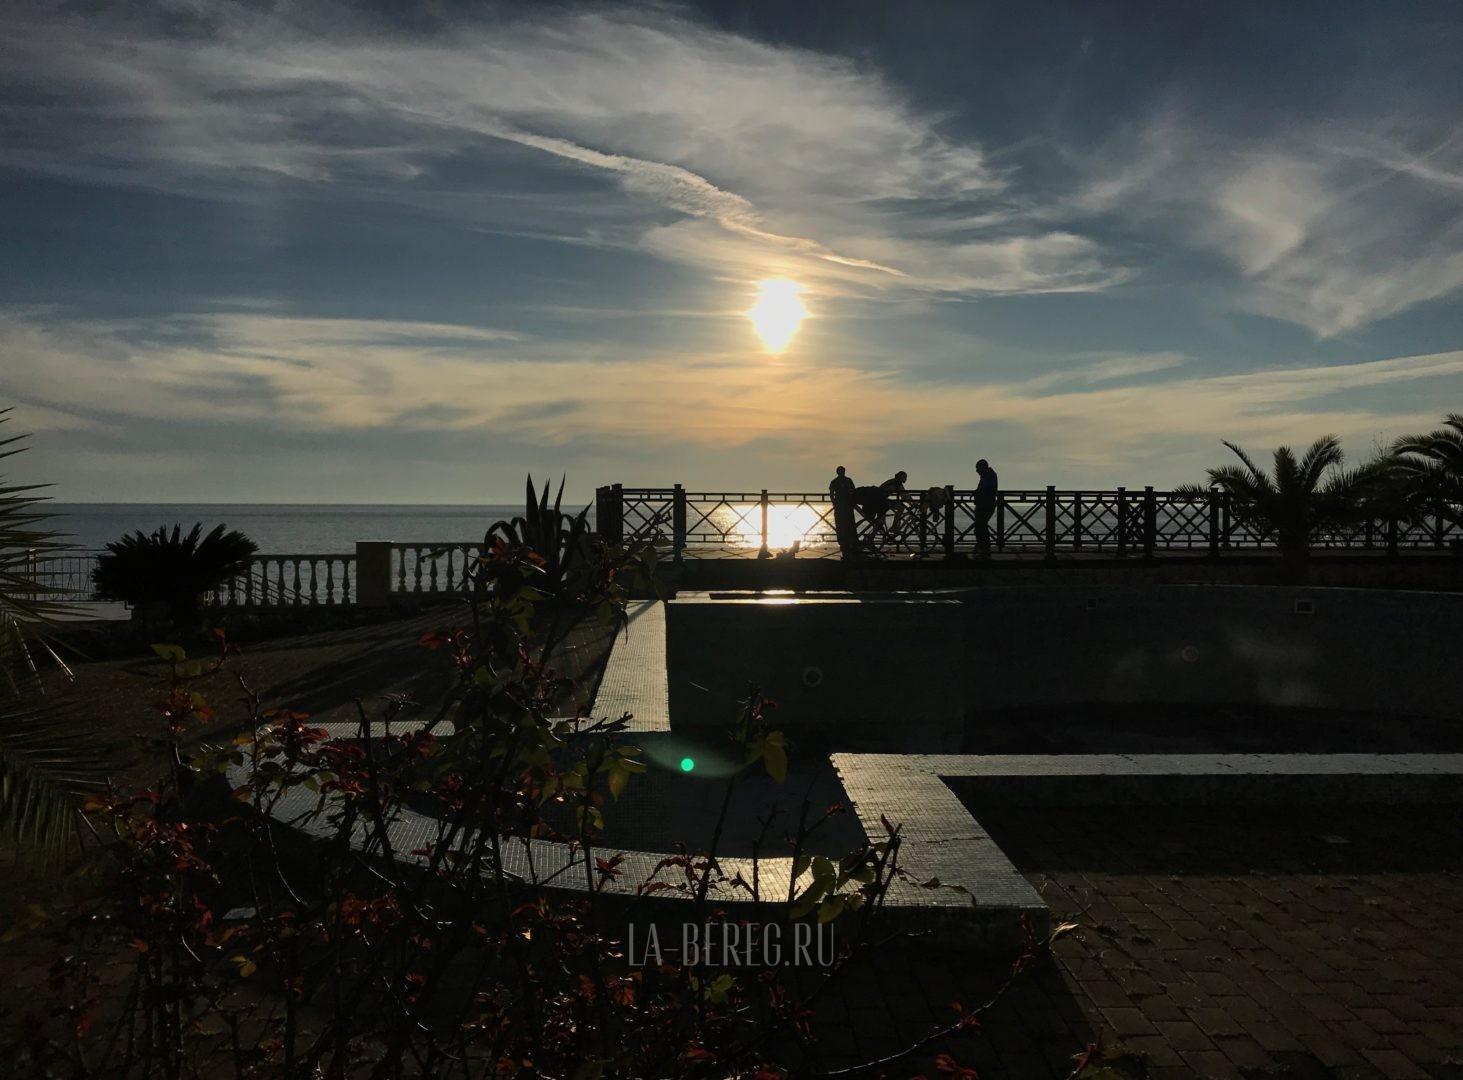 гостиницы в гаграх на берегу моря